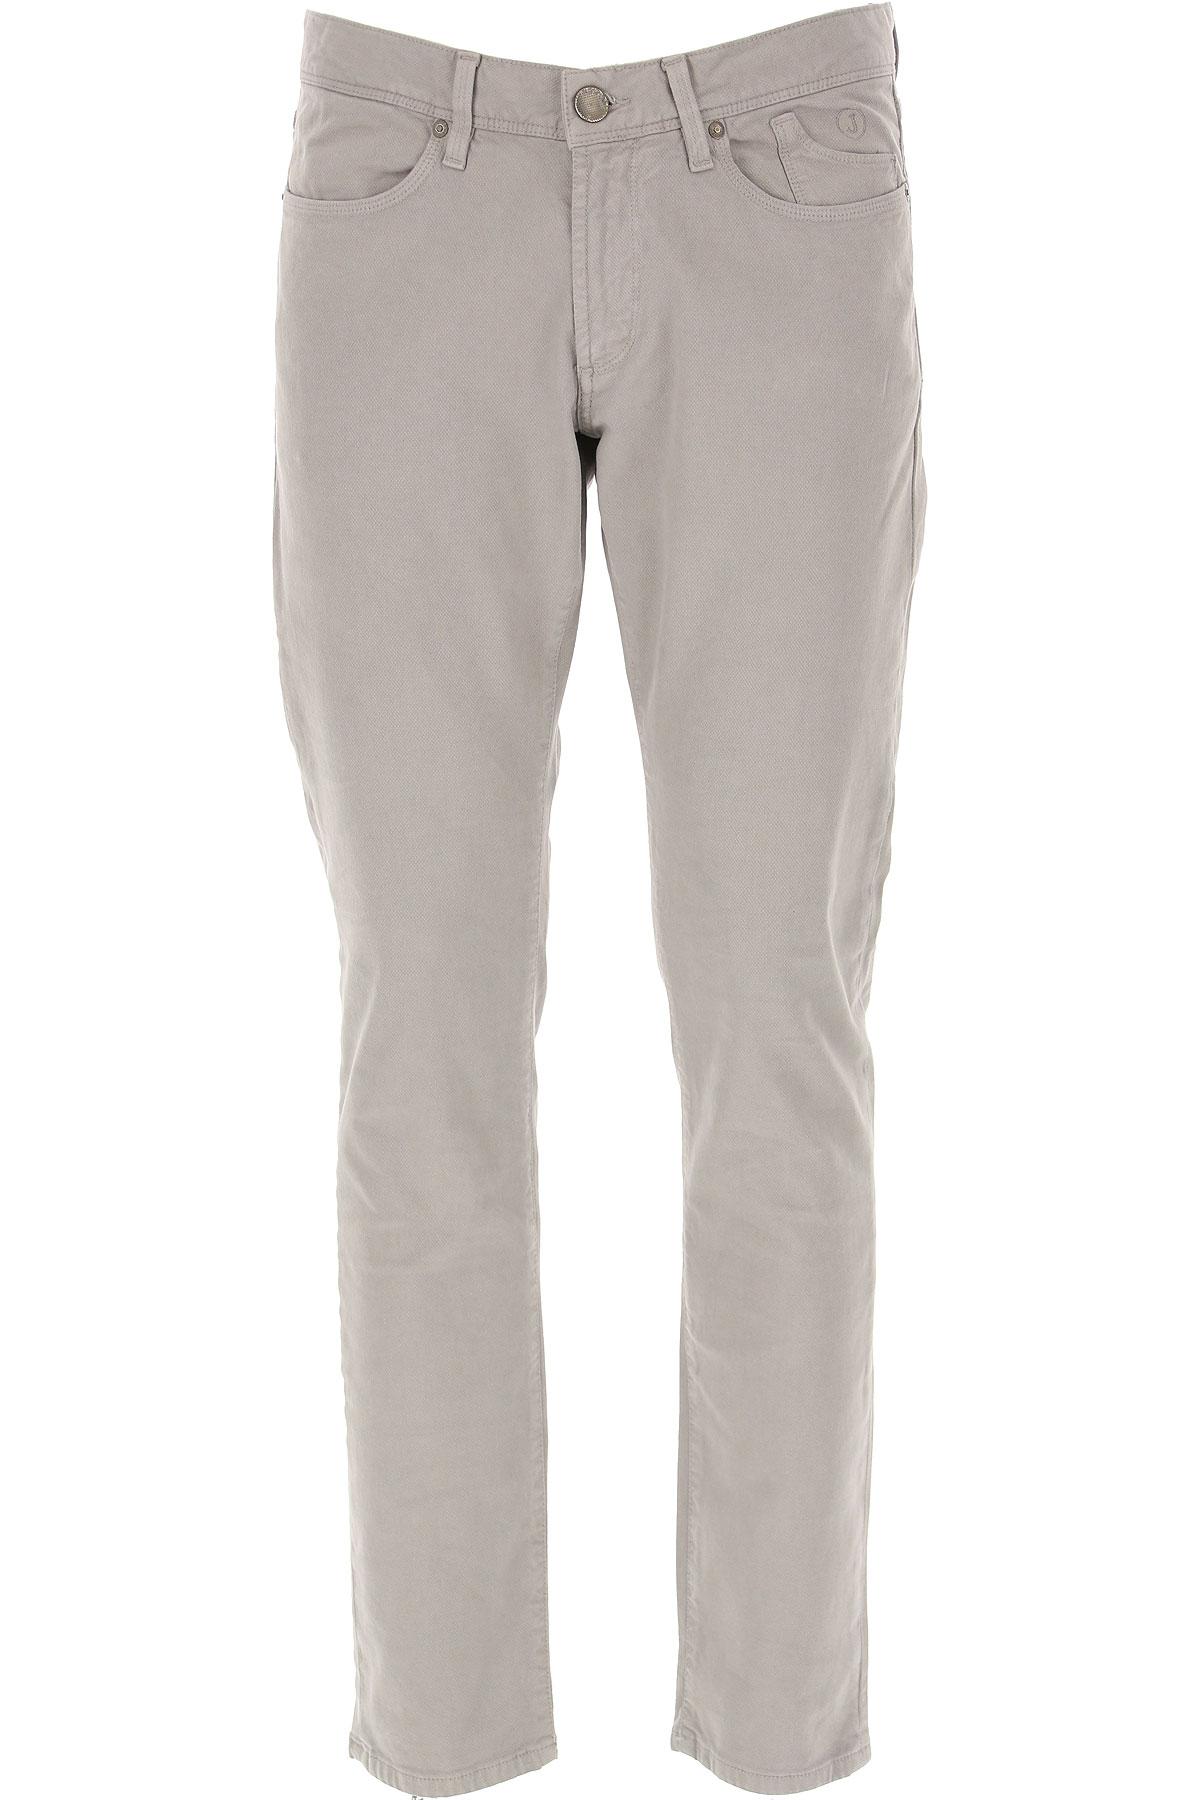 Jeckerson Pants for Men On Sale, Light Grey, Cotton, 2019, 30 31 32 33 34 36 38